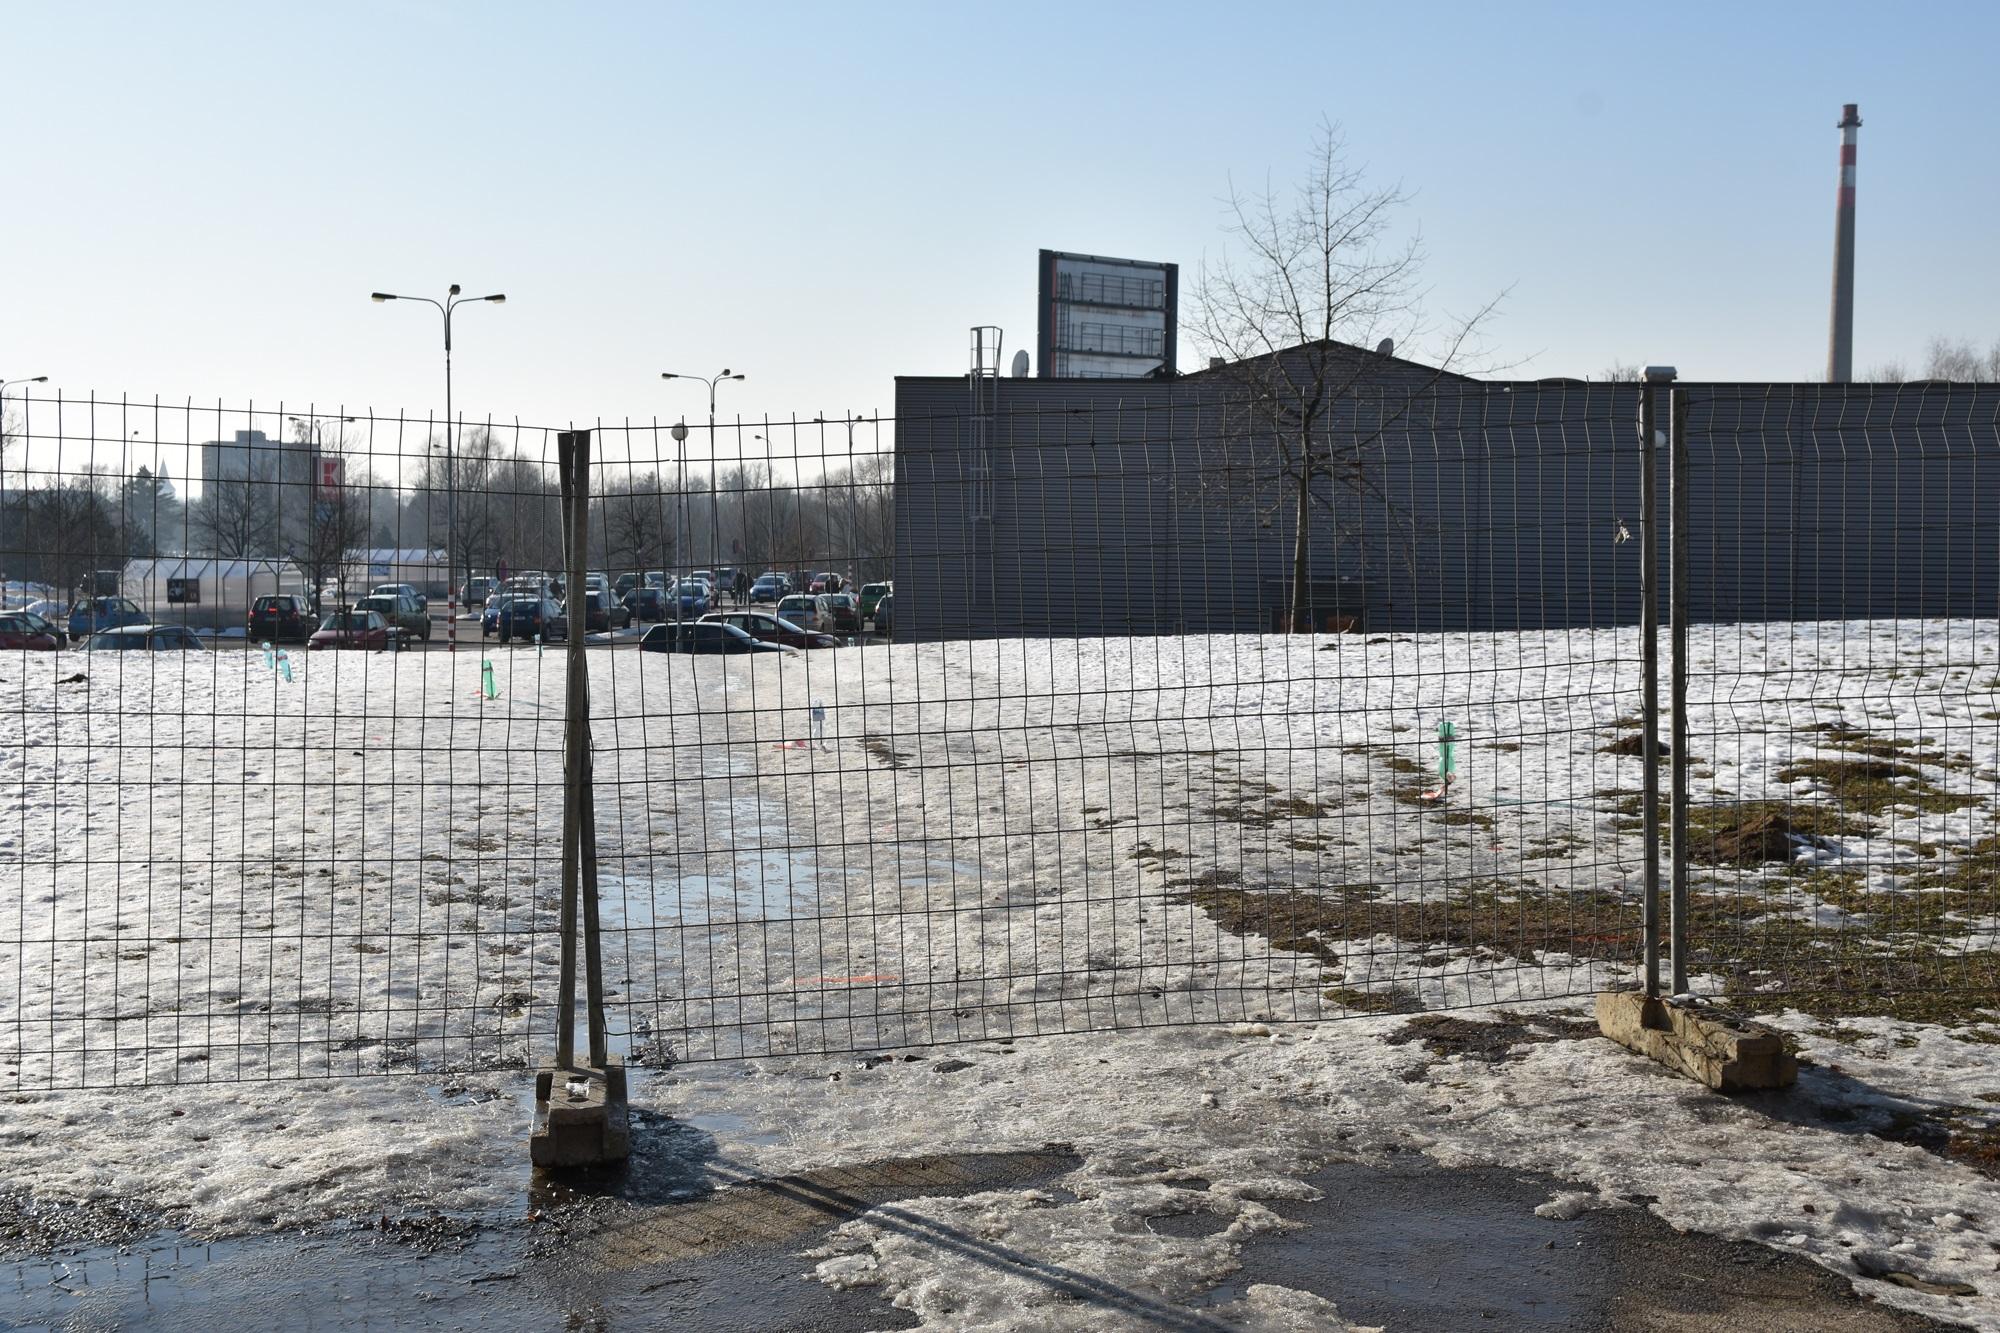 chodnik-kaufland1-002-.jpg